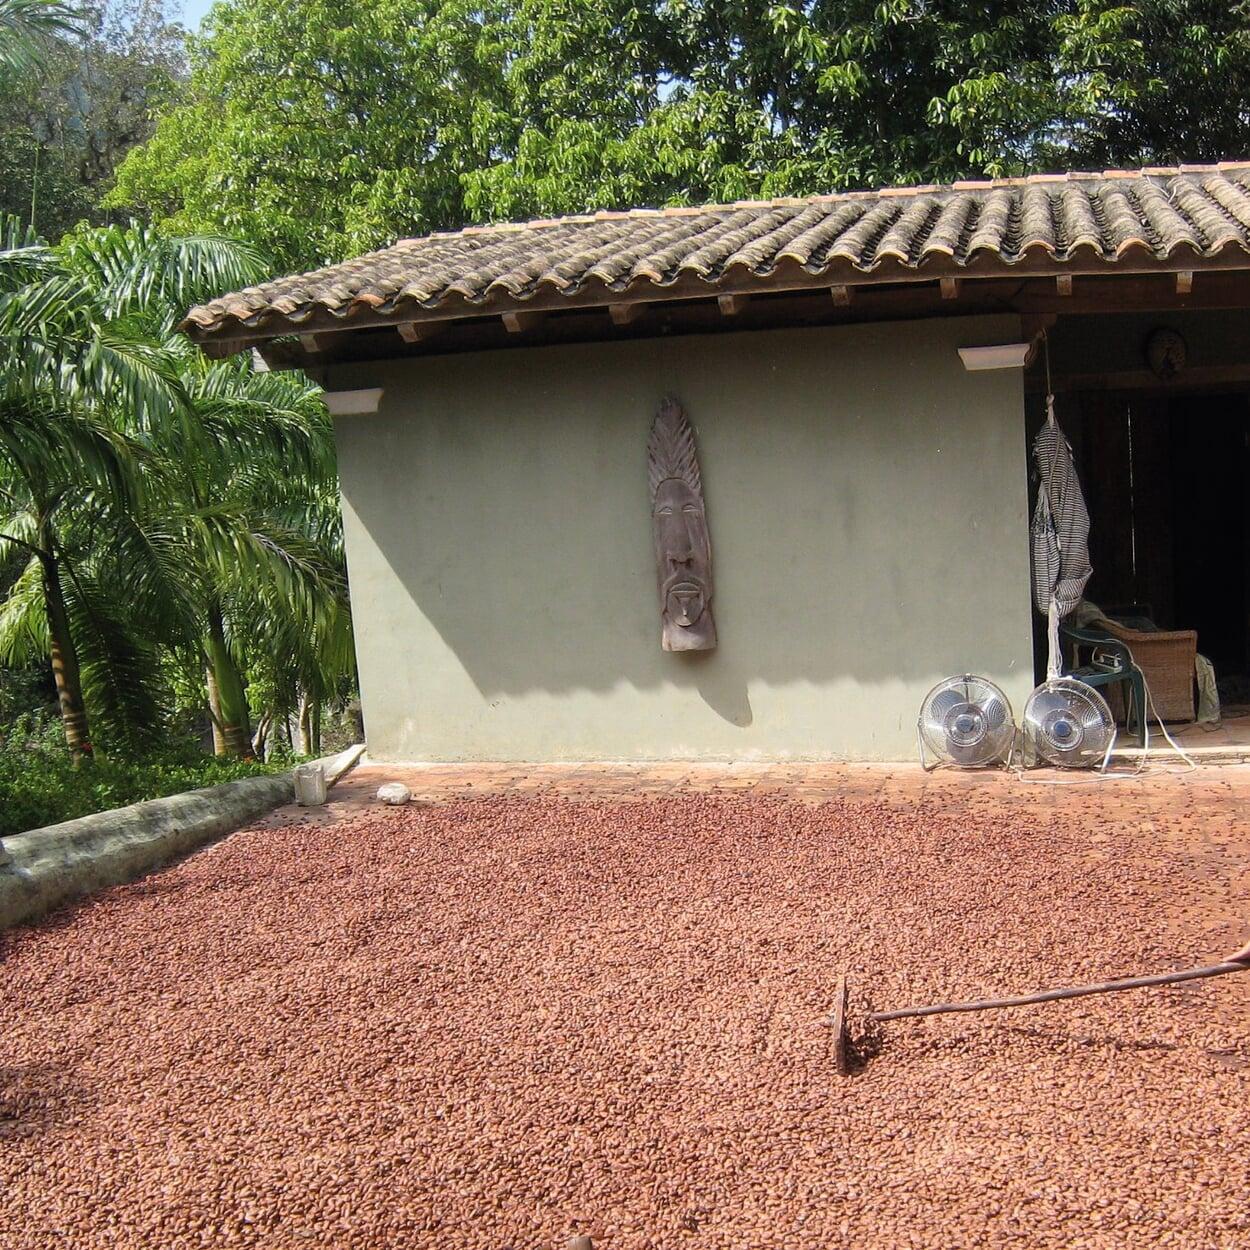 Venezuelan Rio Caribe 72% Schokolade